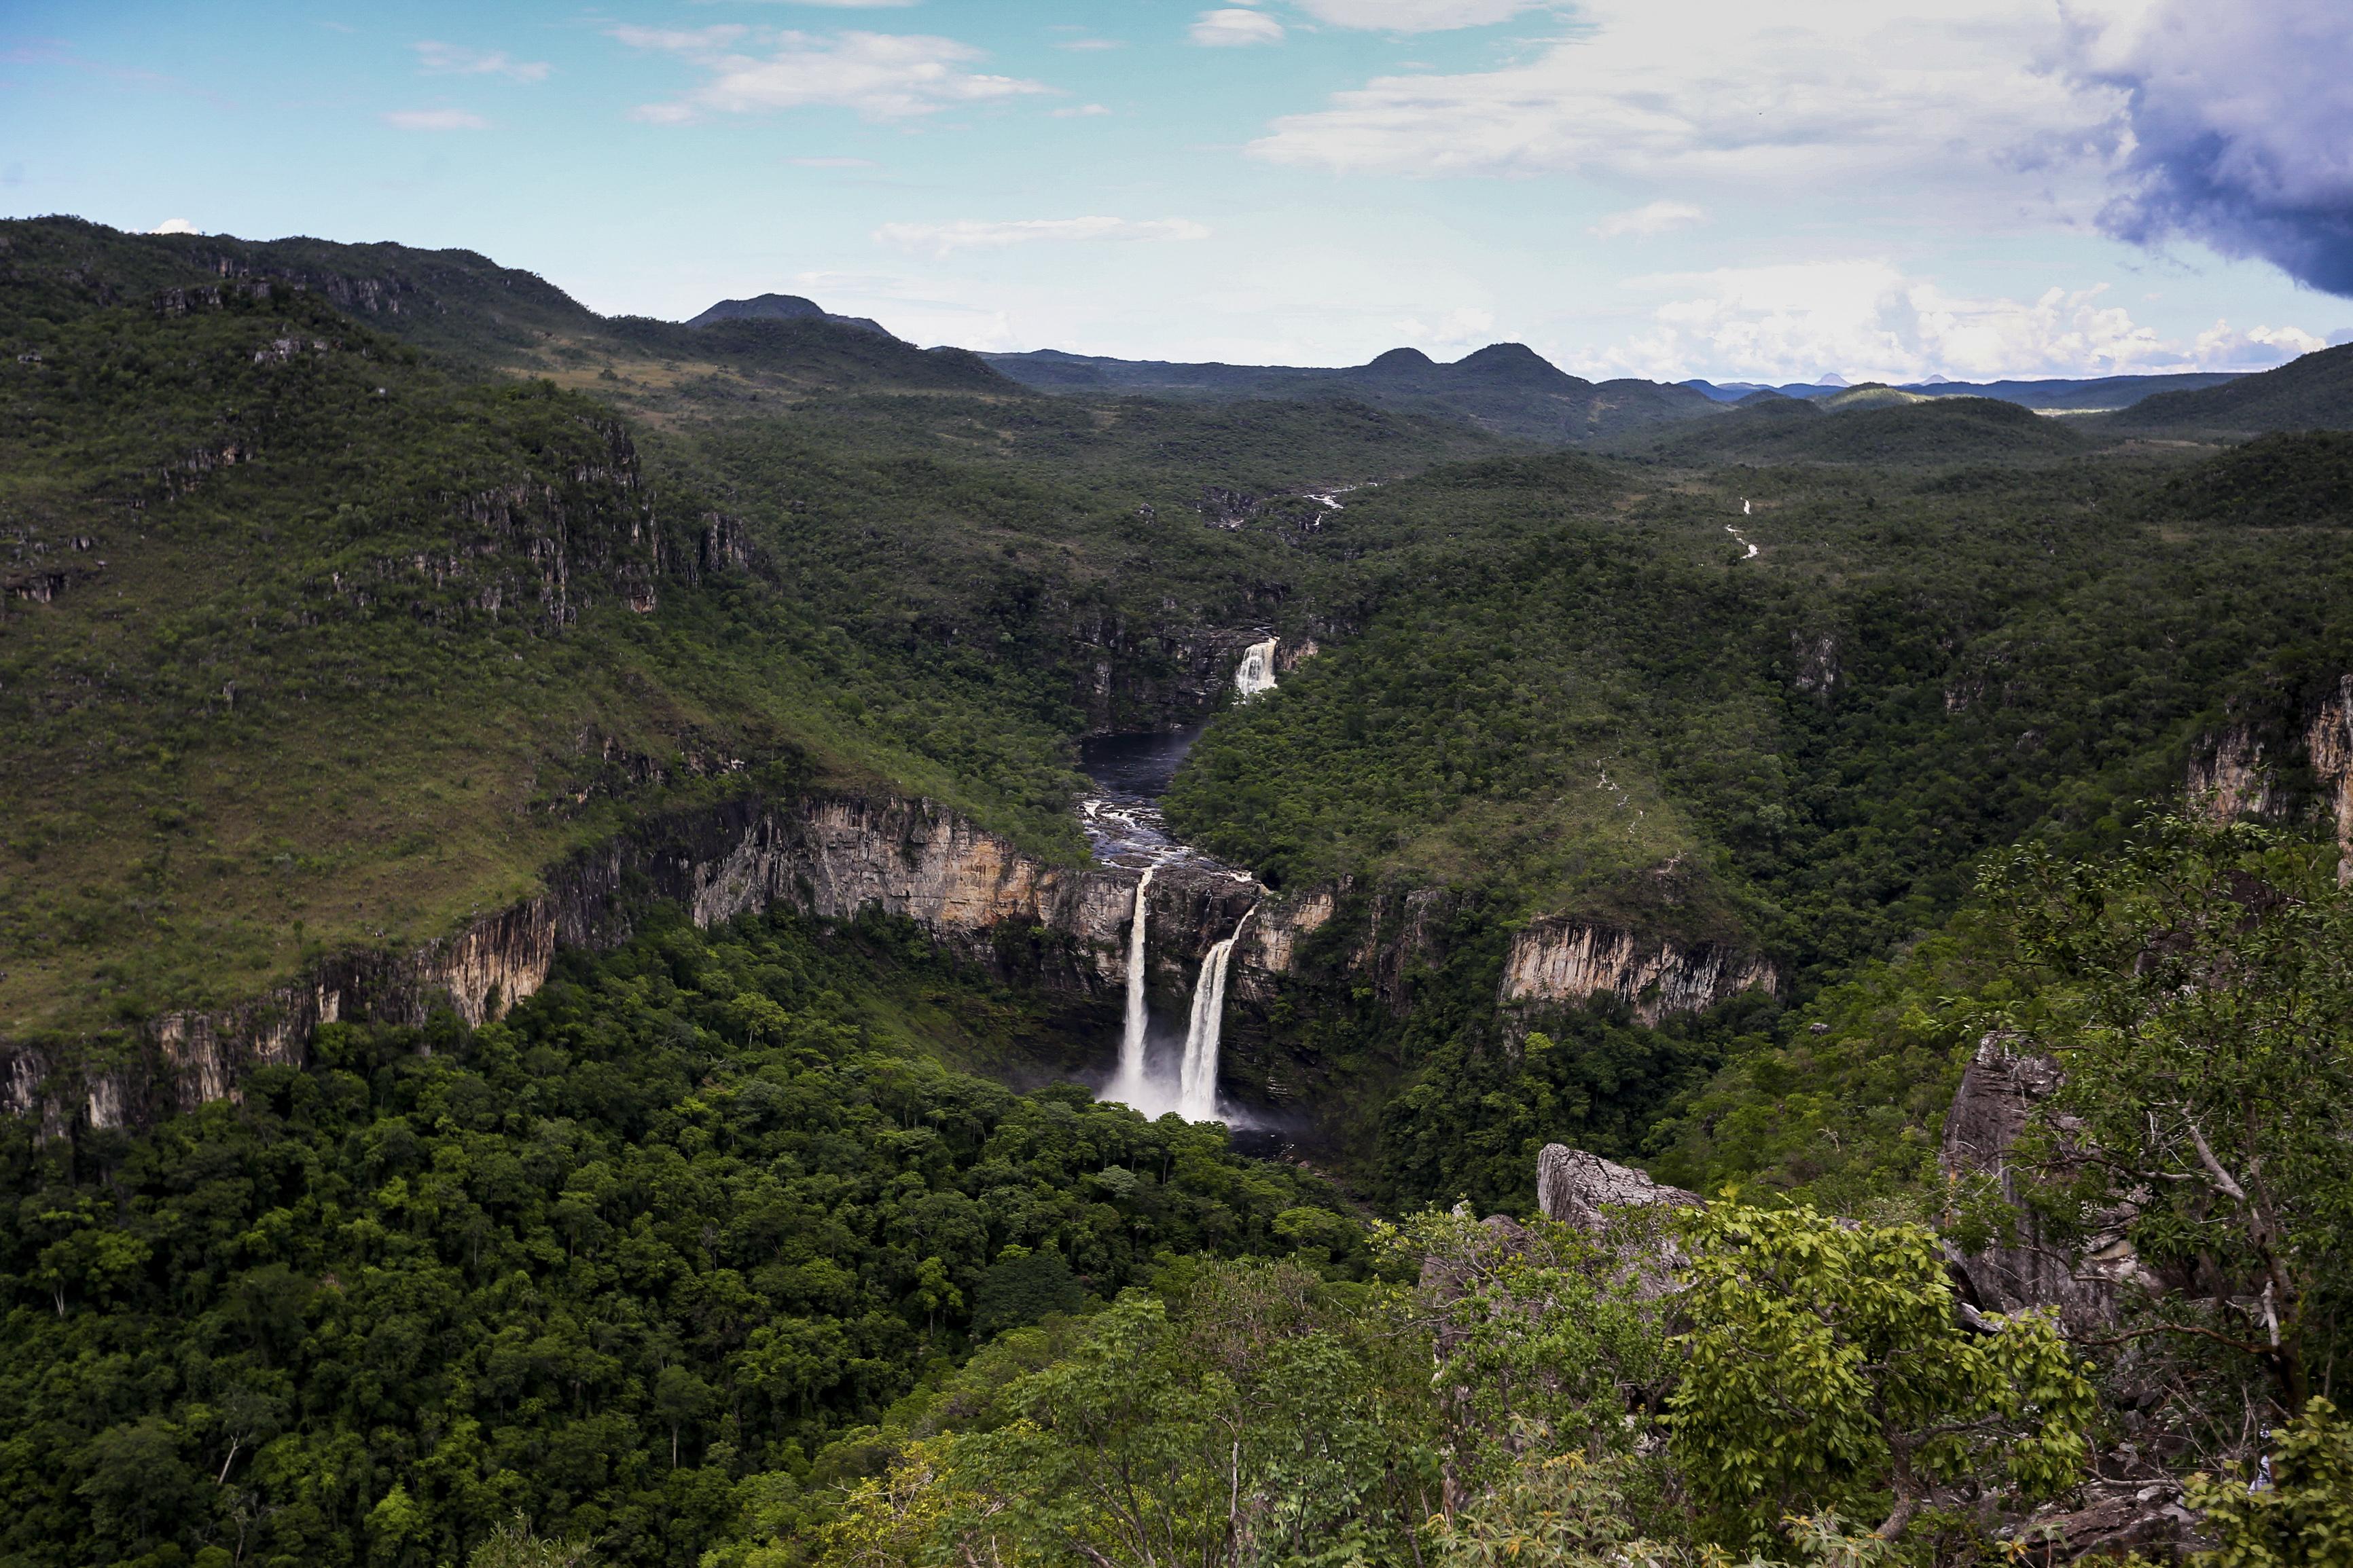 O Desenvolvimento Sustentável na preservação do Meio Ambiente